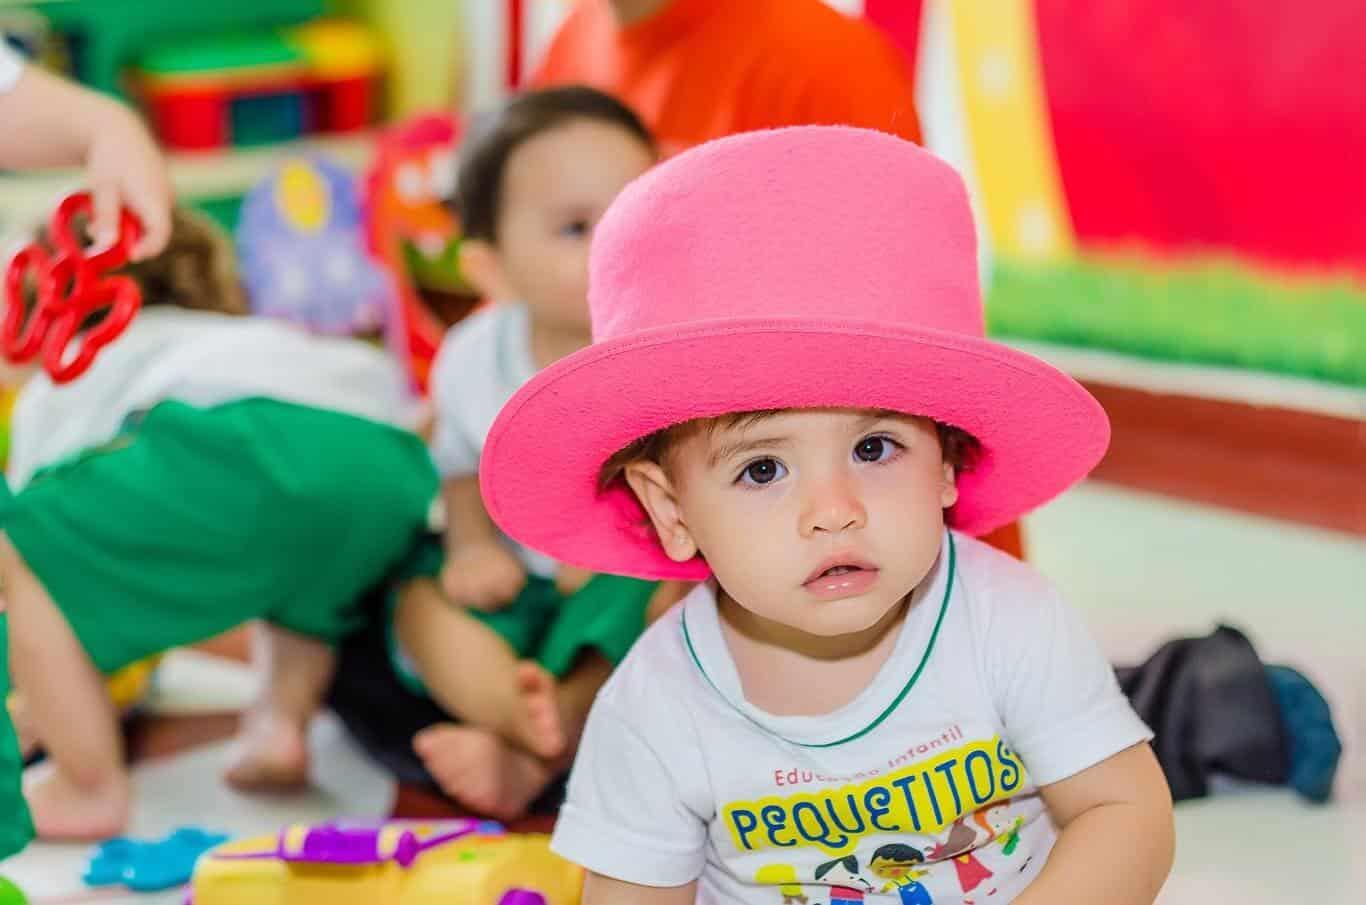 http://pequetitos.com.br/o-que-esperar-de-uma-escola-infantil/